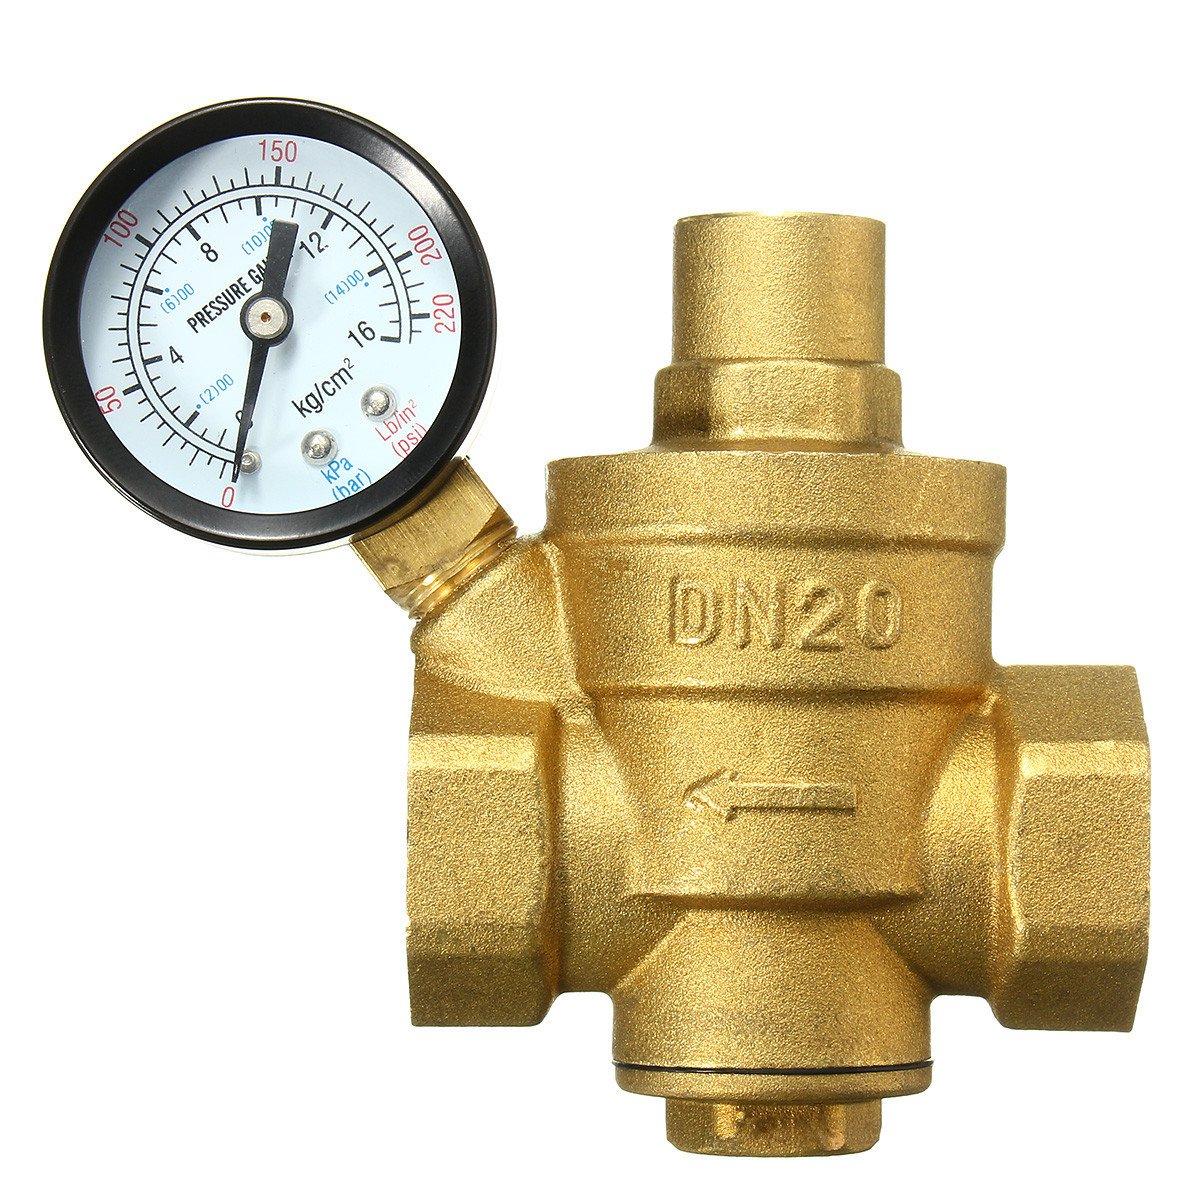 DN20 3/4inch Bspp Brass Water Pressure Reducing Valve With Gauge Flow Adjustable